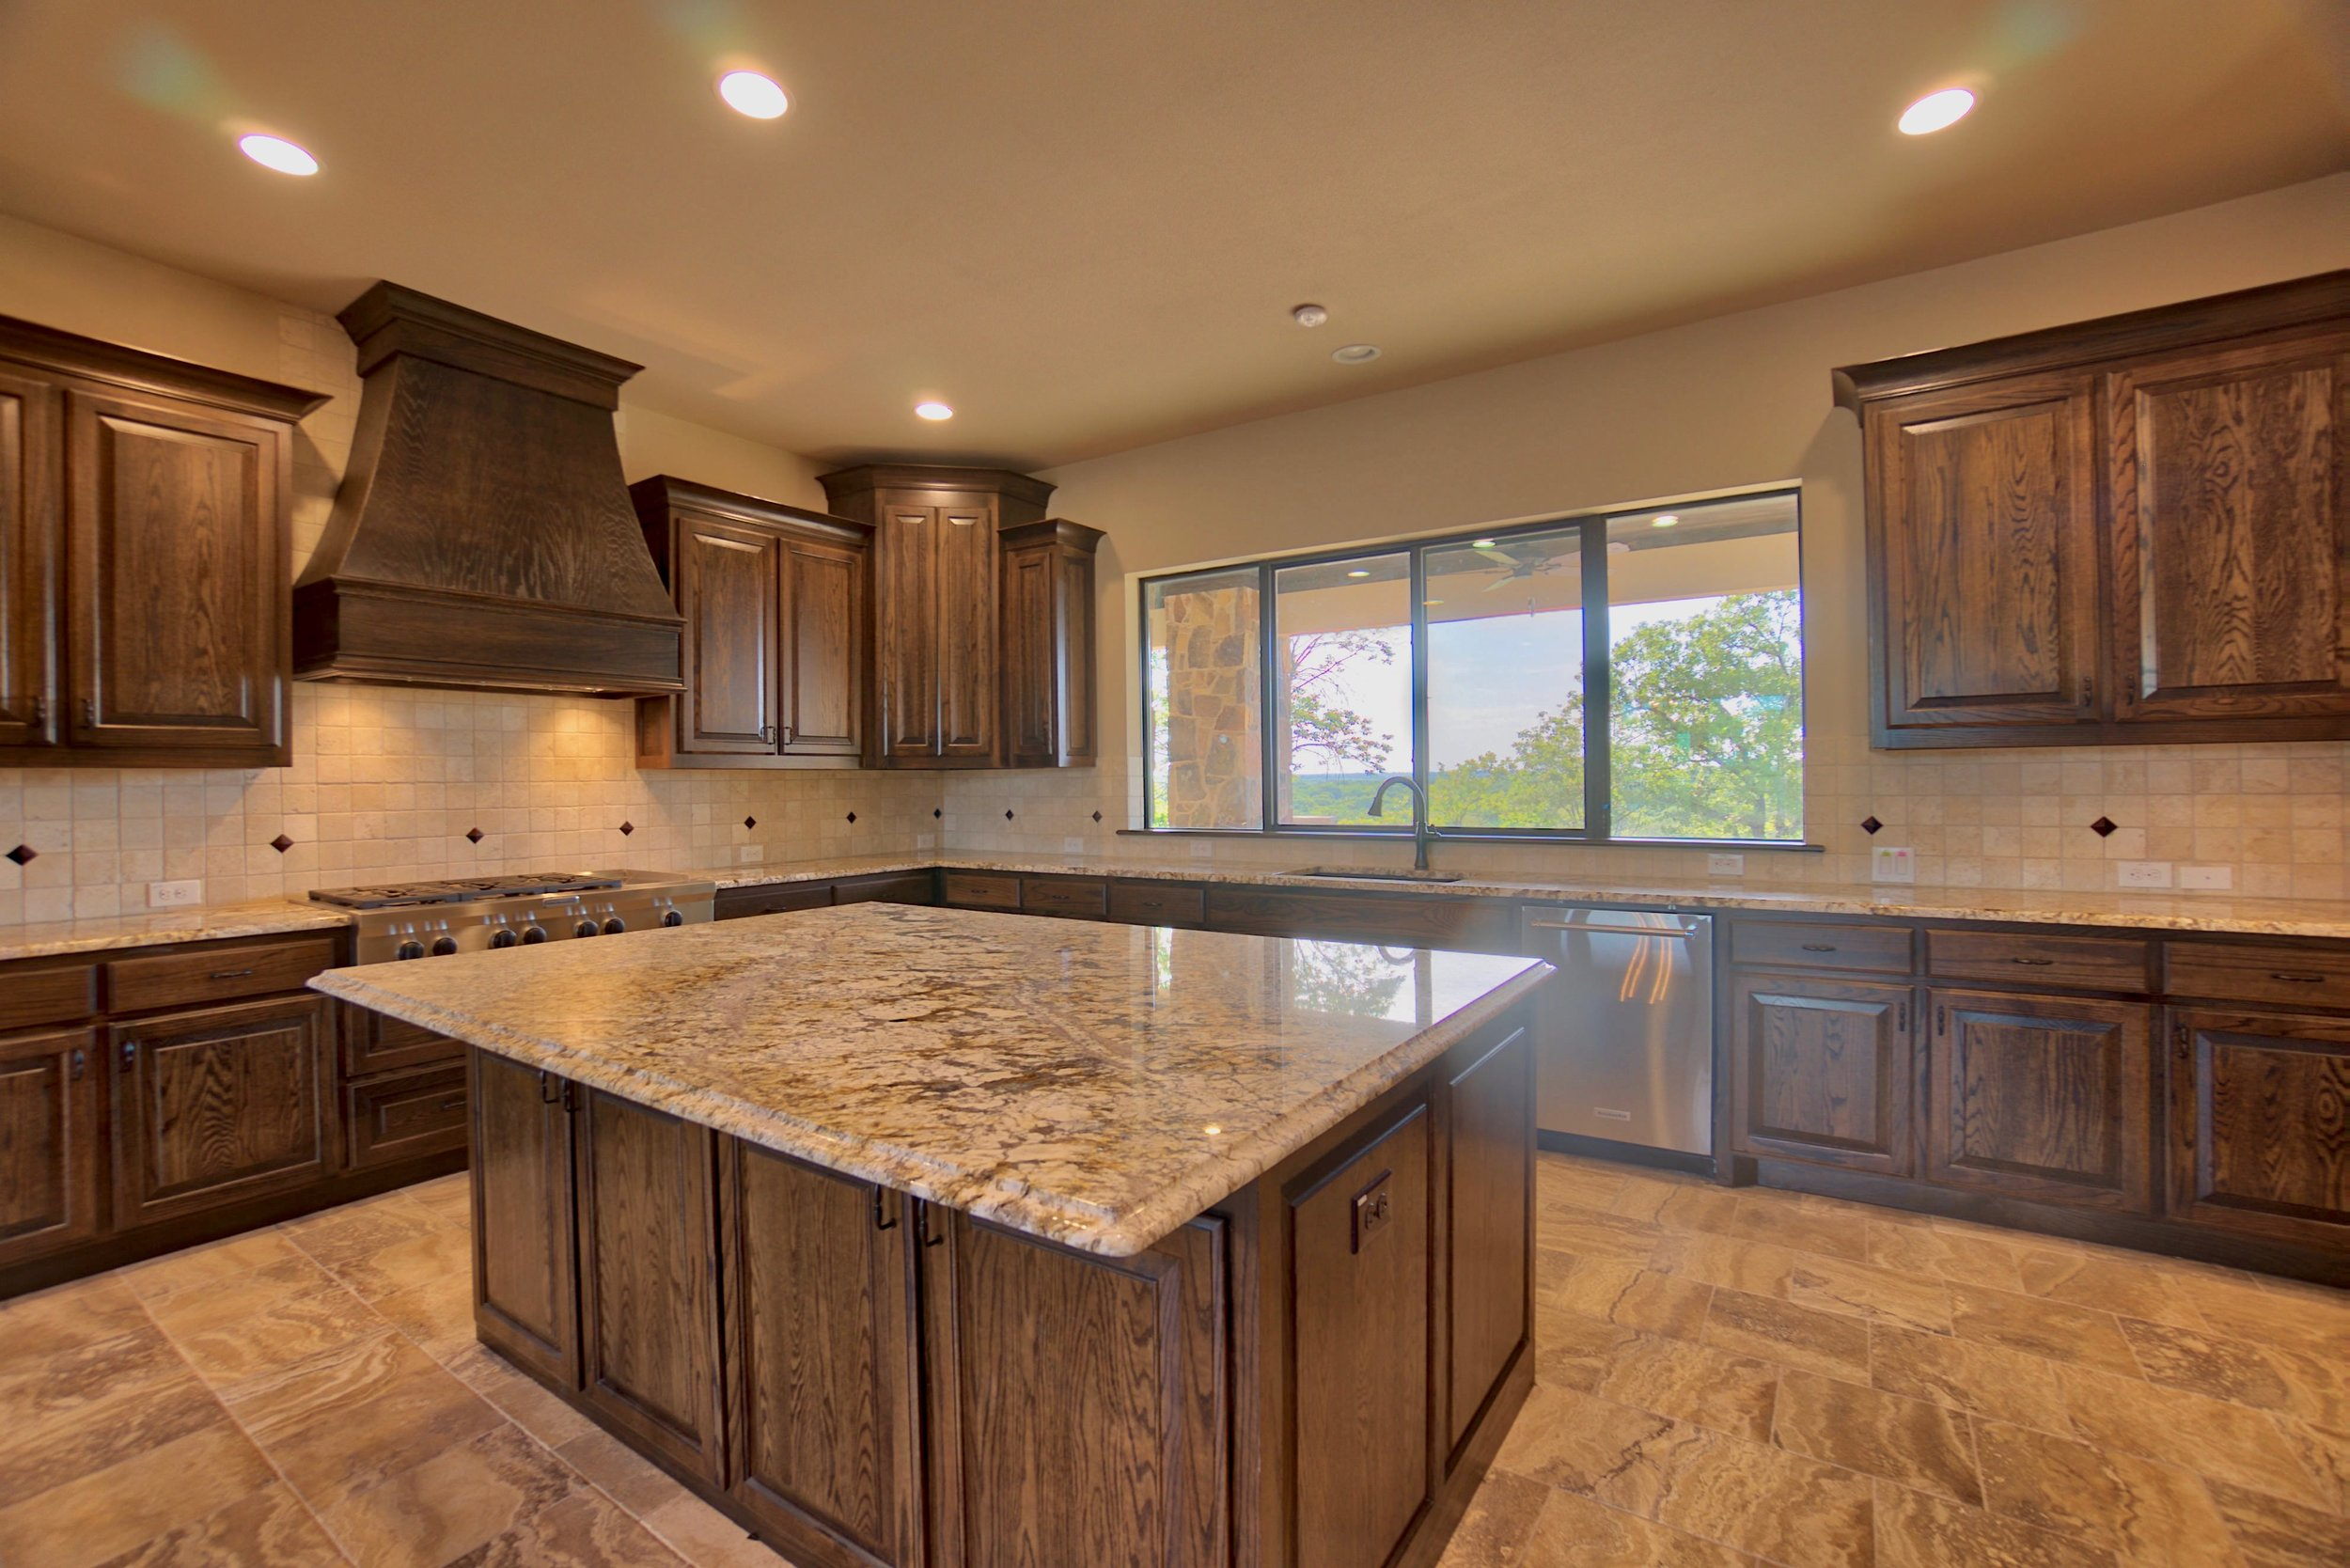 18 kitchen 7.jpg